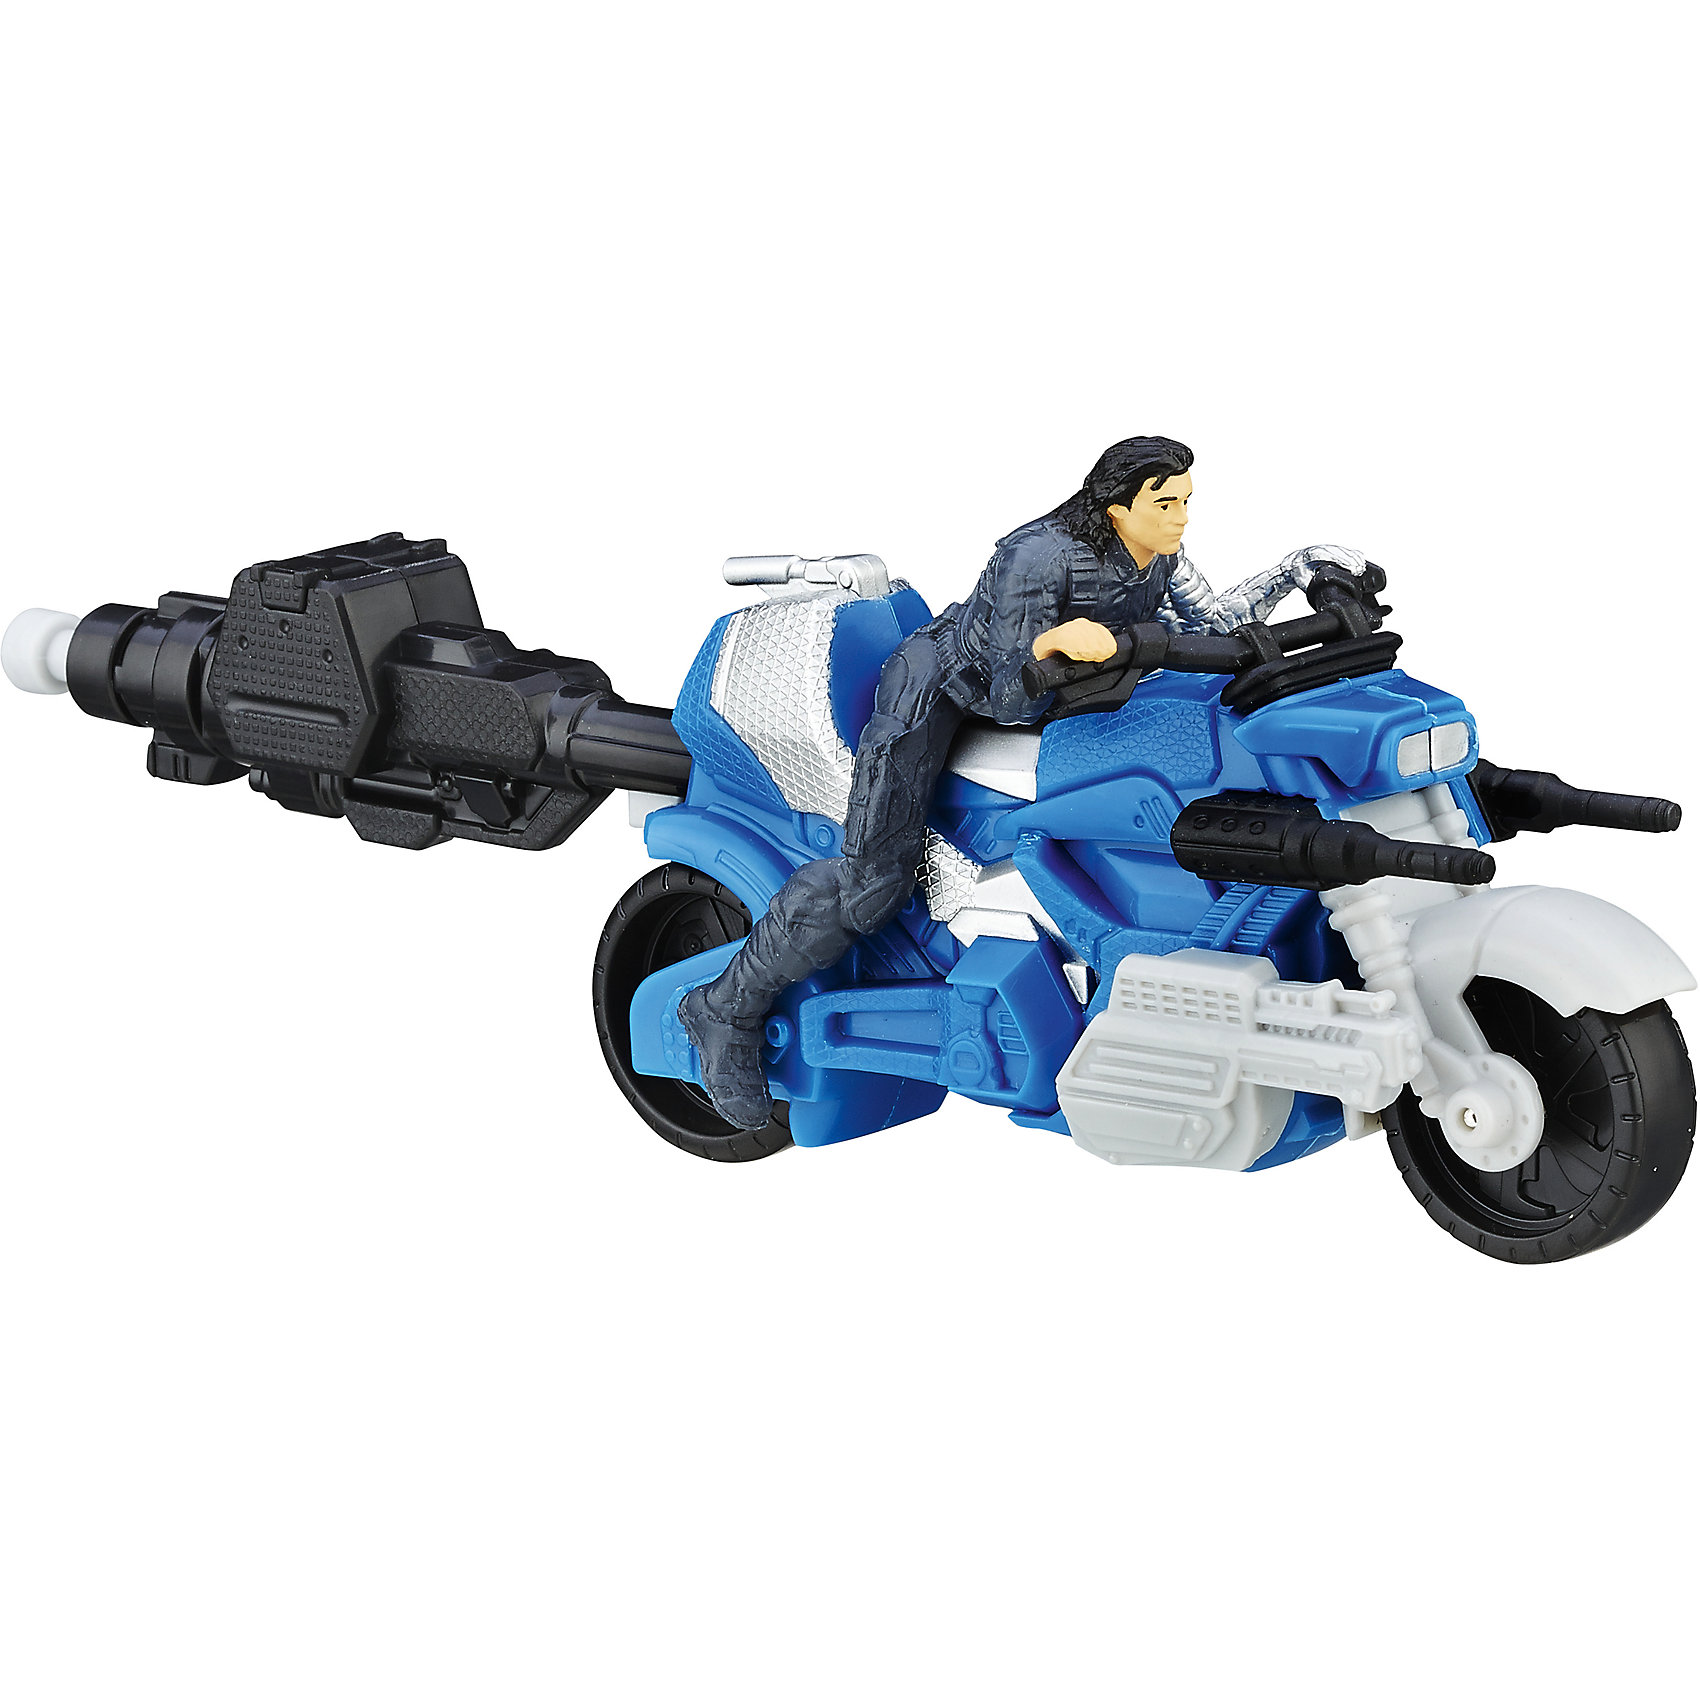 Боевая машина МстителейБоевая машина Мстителей станет отличным подарком для всех юных поклонников популярных супергероев. Ваш ребенок сможет придумать и разыграть множество новых историй о приключениях любимых персонажей. В ассортименте представлены два набора, созданных по мотивам нового фильма о Мстителях Первый мститель 3: Гражданская война. Один набор включает в себя фигурку Капитана Америки на суперкрутом джипе, второй - фигурку его верного друга Зимнего солдата (Winter Soldier) и его мотоцикл. Наборы продаются по отдельности.<br>Транспортные средства персонажей выполнены из качественного прочного пластика с высокой степенью детализации и выглядят очень эффектно и реалистично. Они легко приводится в движение с помощью специального пускового устройства, позволяя героям выполнить свою боевую миссию. Фигурки очень похожи на своих экранных персонажей, не снимаются с транспортного средства. Игрушки совместимы с набором Башня мстителей.<br><br>Дополнительная информация:<br><br>- В комплекте: фигурка, транспортное средство, пусковое устройство.<br>- Материал: пластик.<br>- Размер упаковки: 19,1 x 5,1 x 21 см.<br>- Вес: 0,15 кг.<br><br>Боевую машину Мстителей, Hasbro, можно купить в нашем интернет-магазине.<br><br>Ширина мм: 51<br>Глубина мм: 191<br>Высота мм: 210<br>Вес г: 150<br>Возраст от месяцев: 48<br>Возраст до месяцев: 192<br>Пол: Мужской<br>Возраст: Детский<br>SKU: 4708239